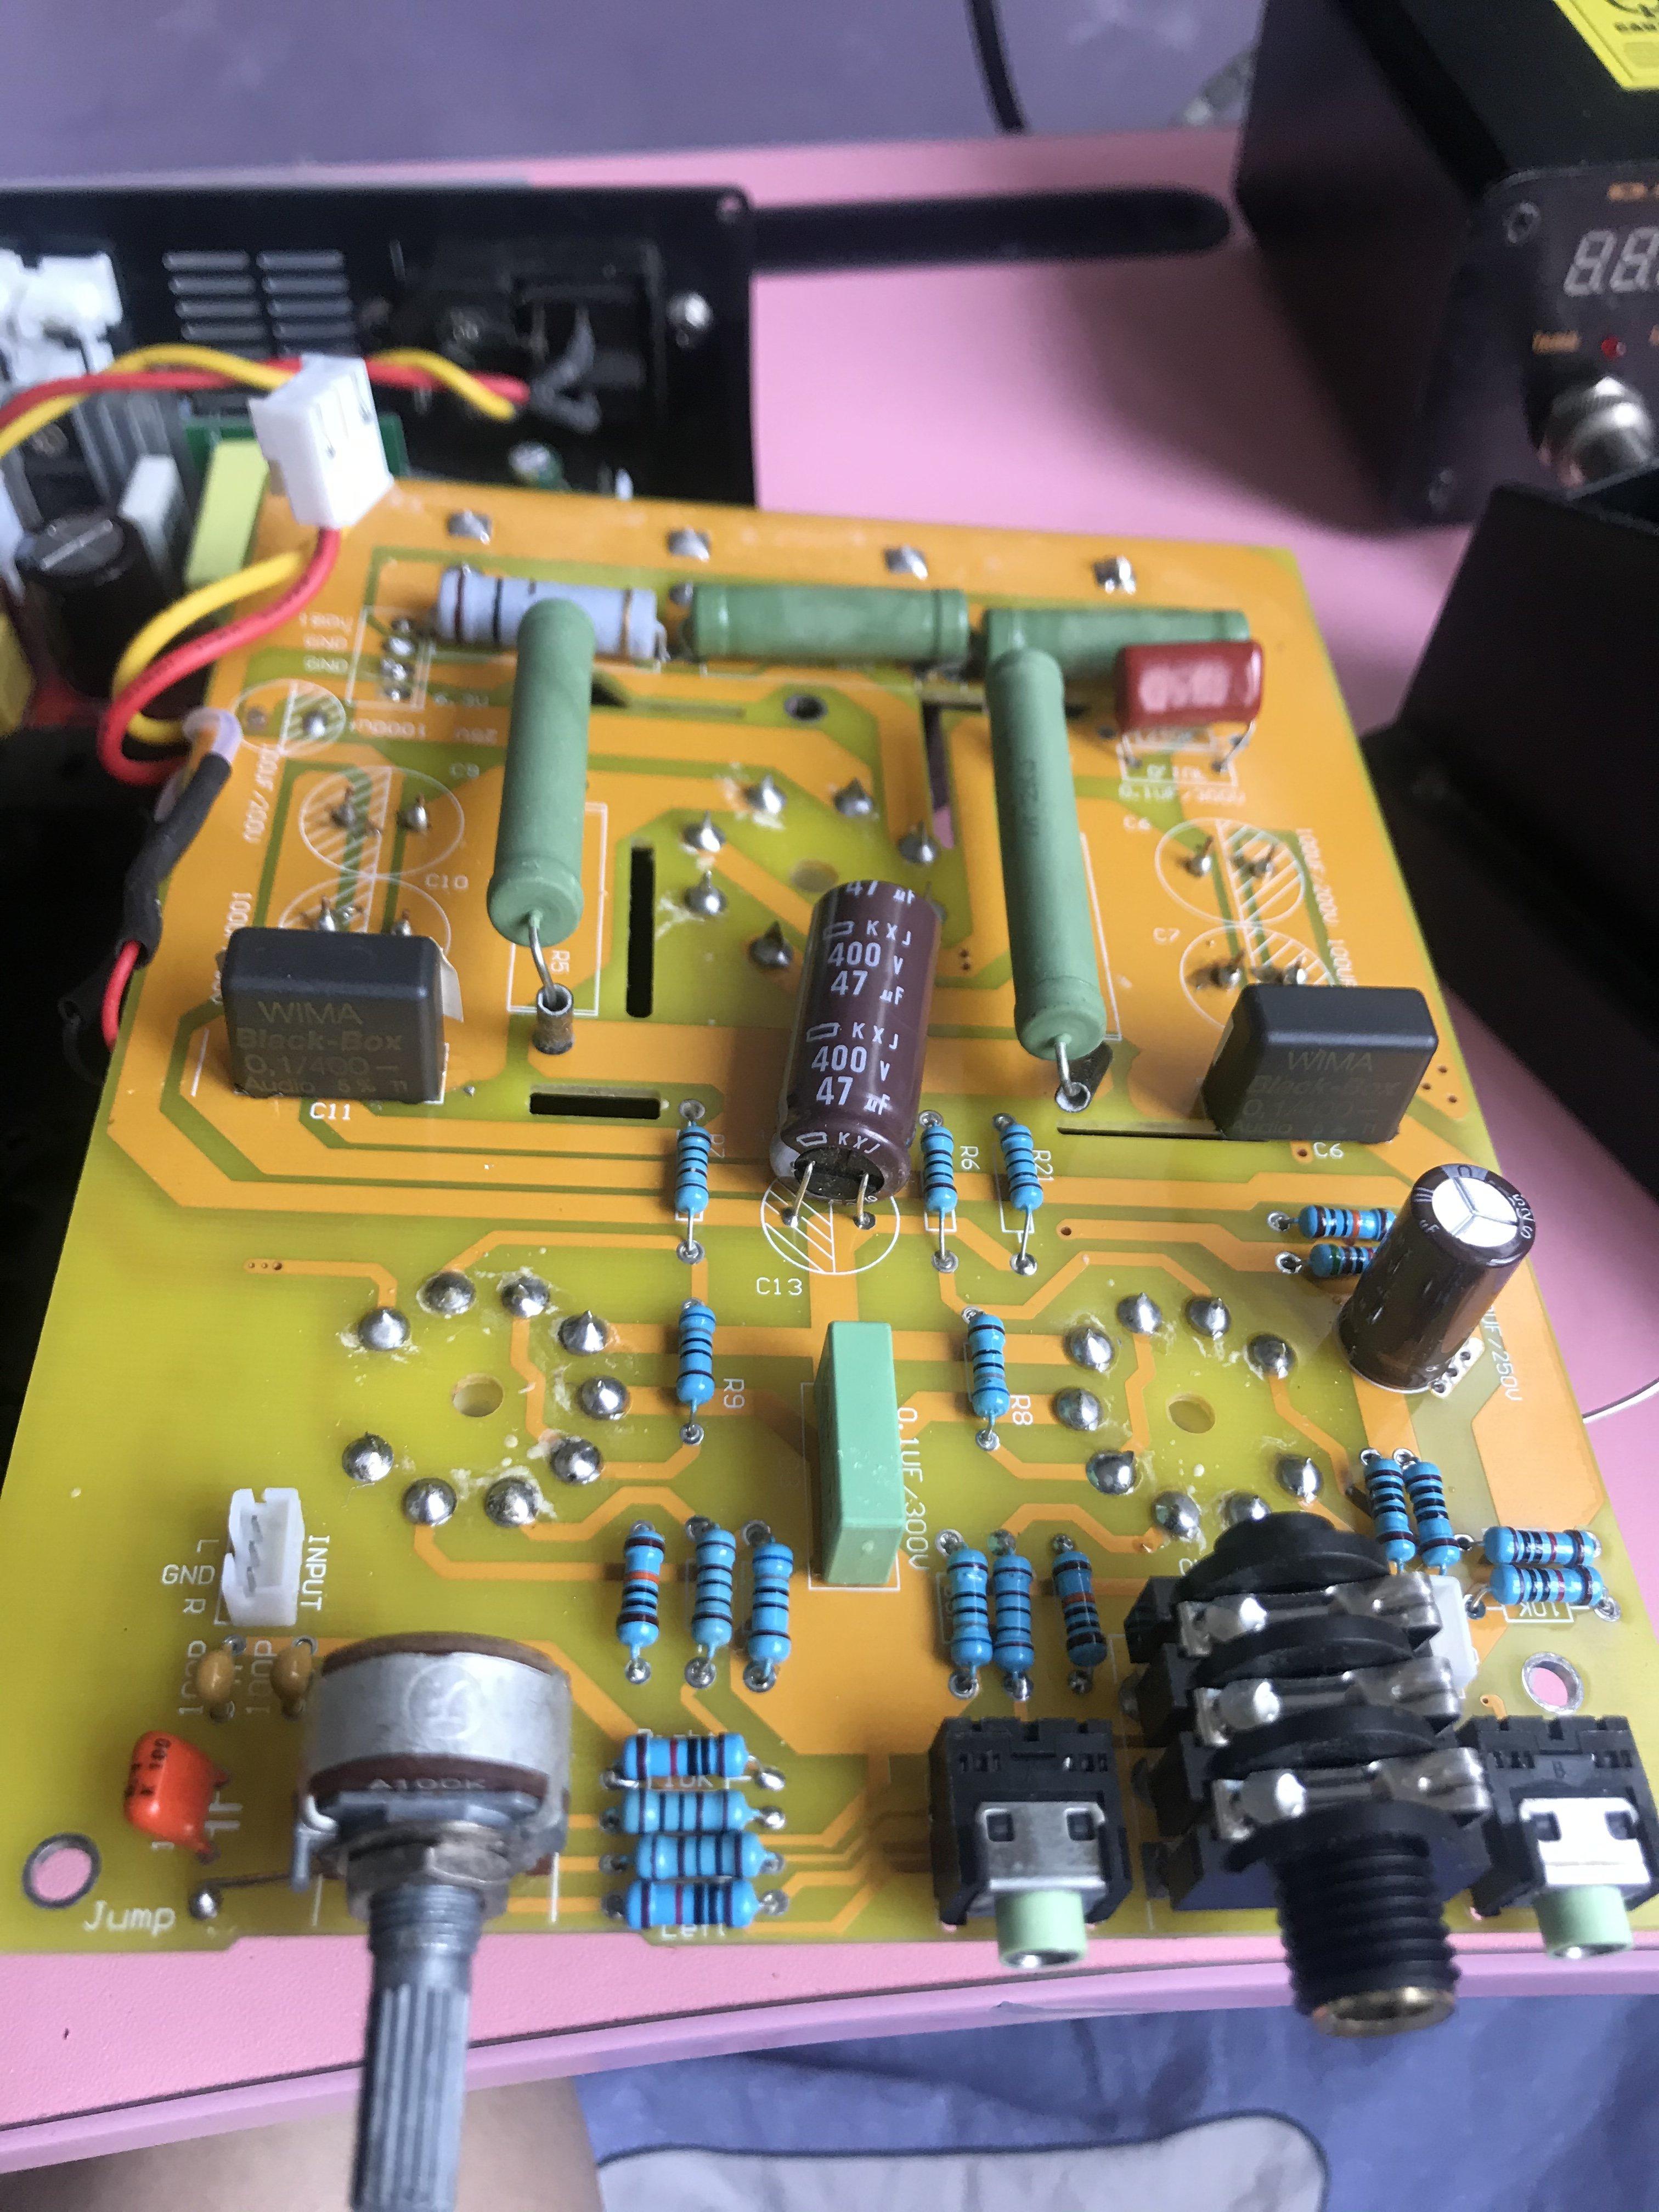 01A53C4B-98EA-475B-82F2-A5165230F89B.jpeg